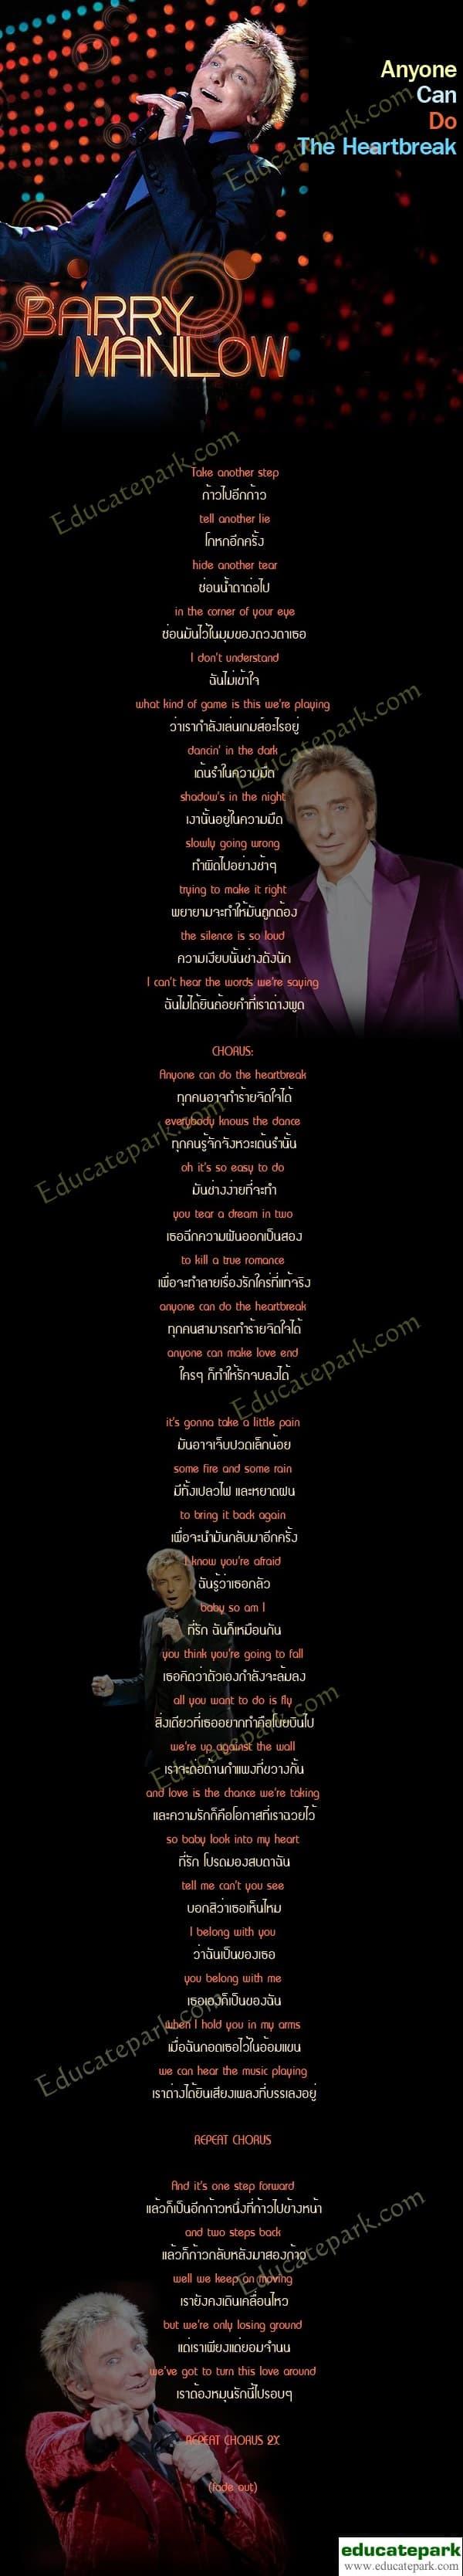 แปลเพลง Anyone Can Do The Heartbreak - Barry Manilow